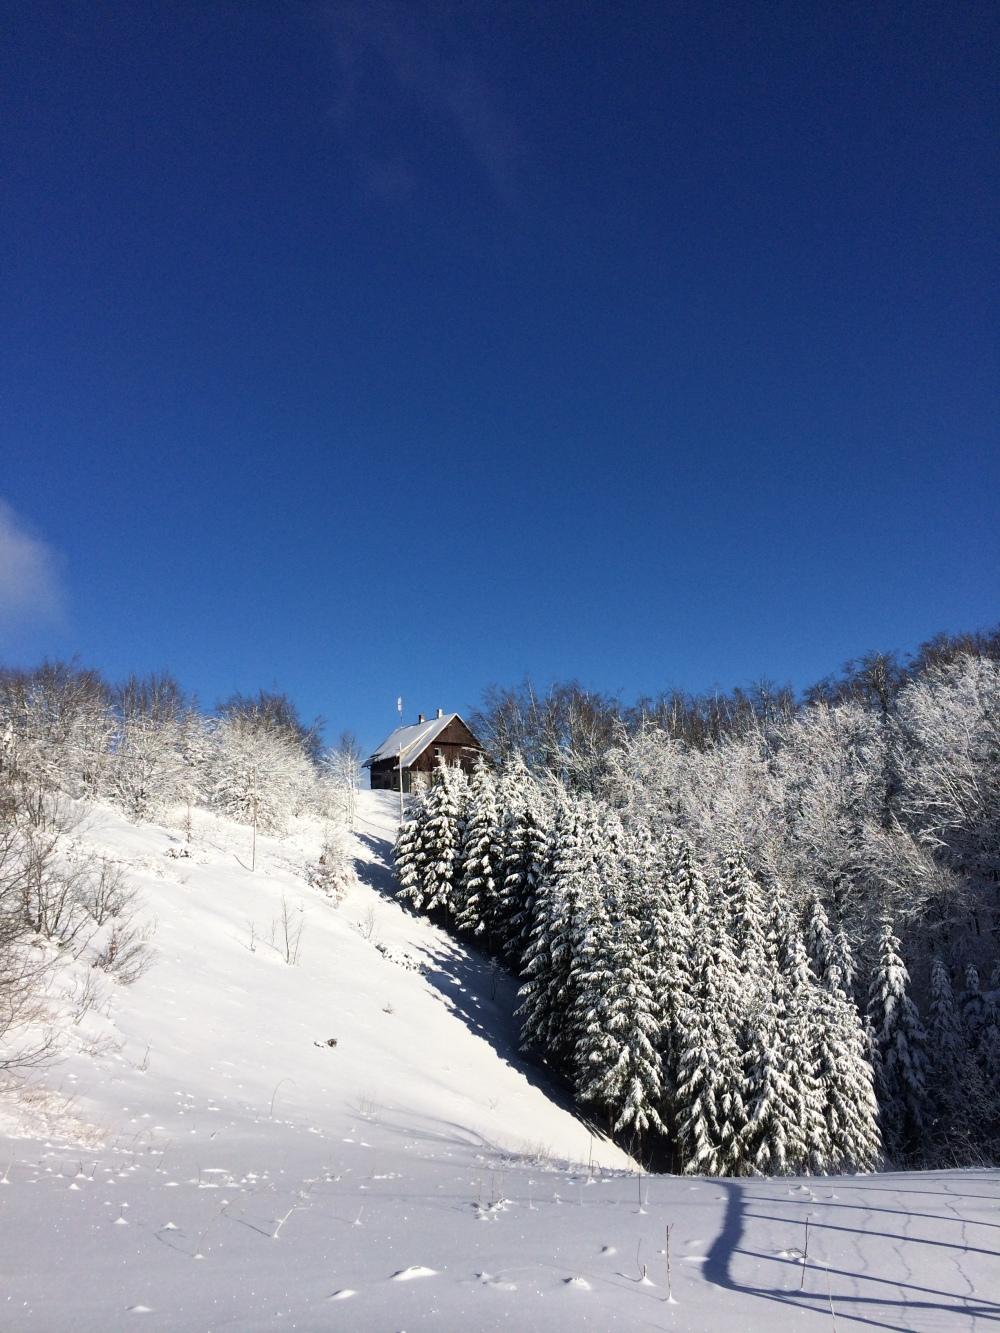 Photo 15-01-2017, 10 36 22